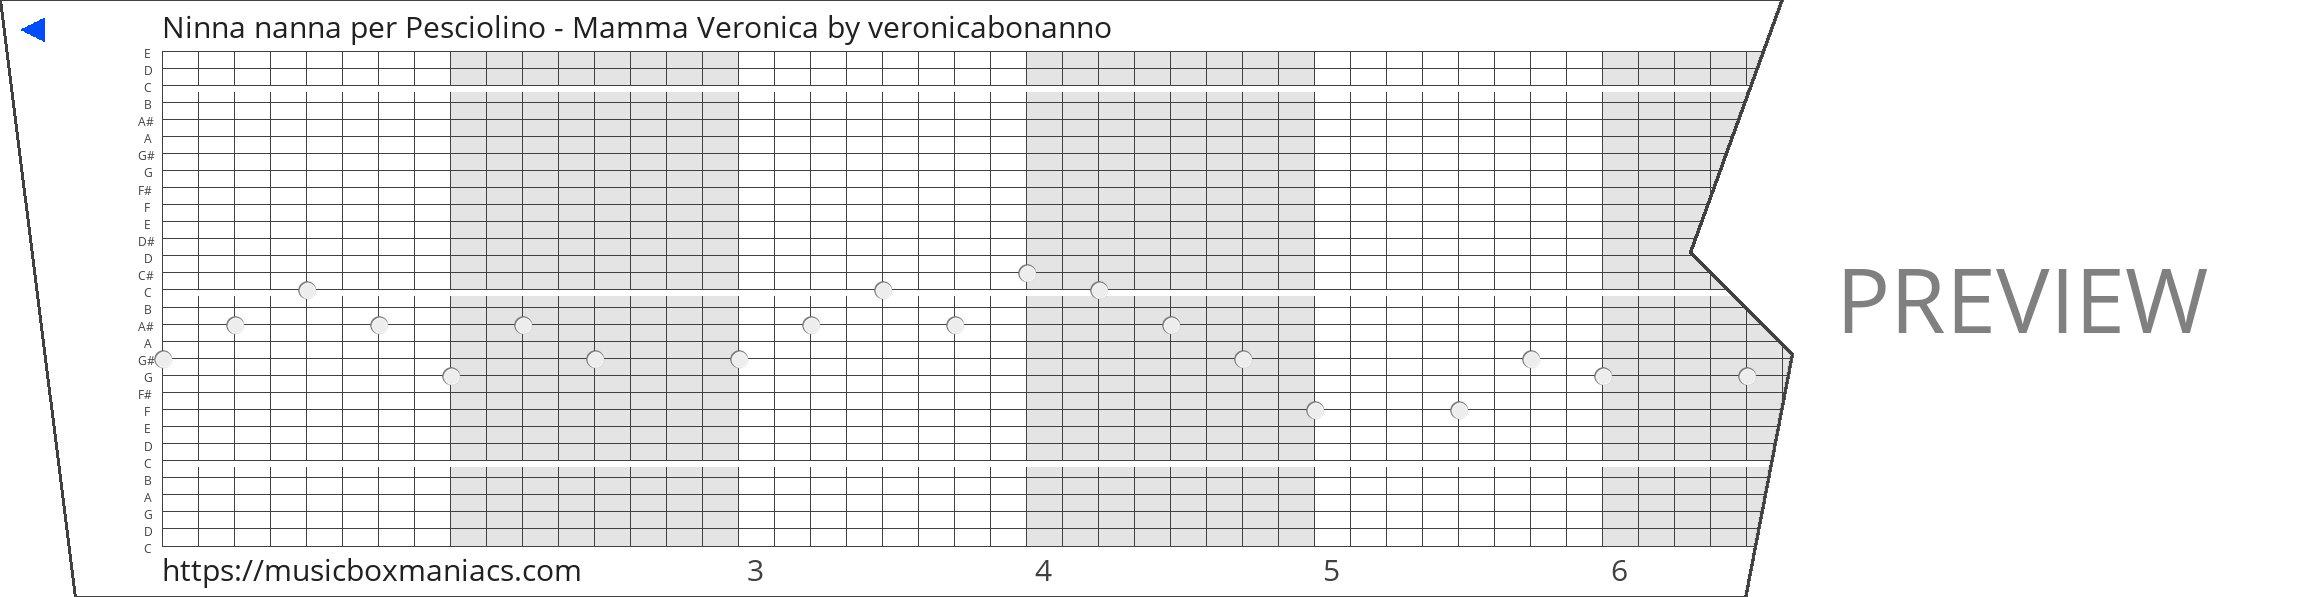 Ninna nanna per Pesciolino - Mamma Veronica 30 note music box paper strip